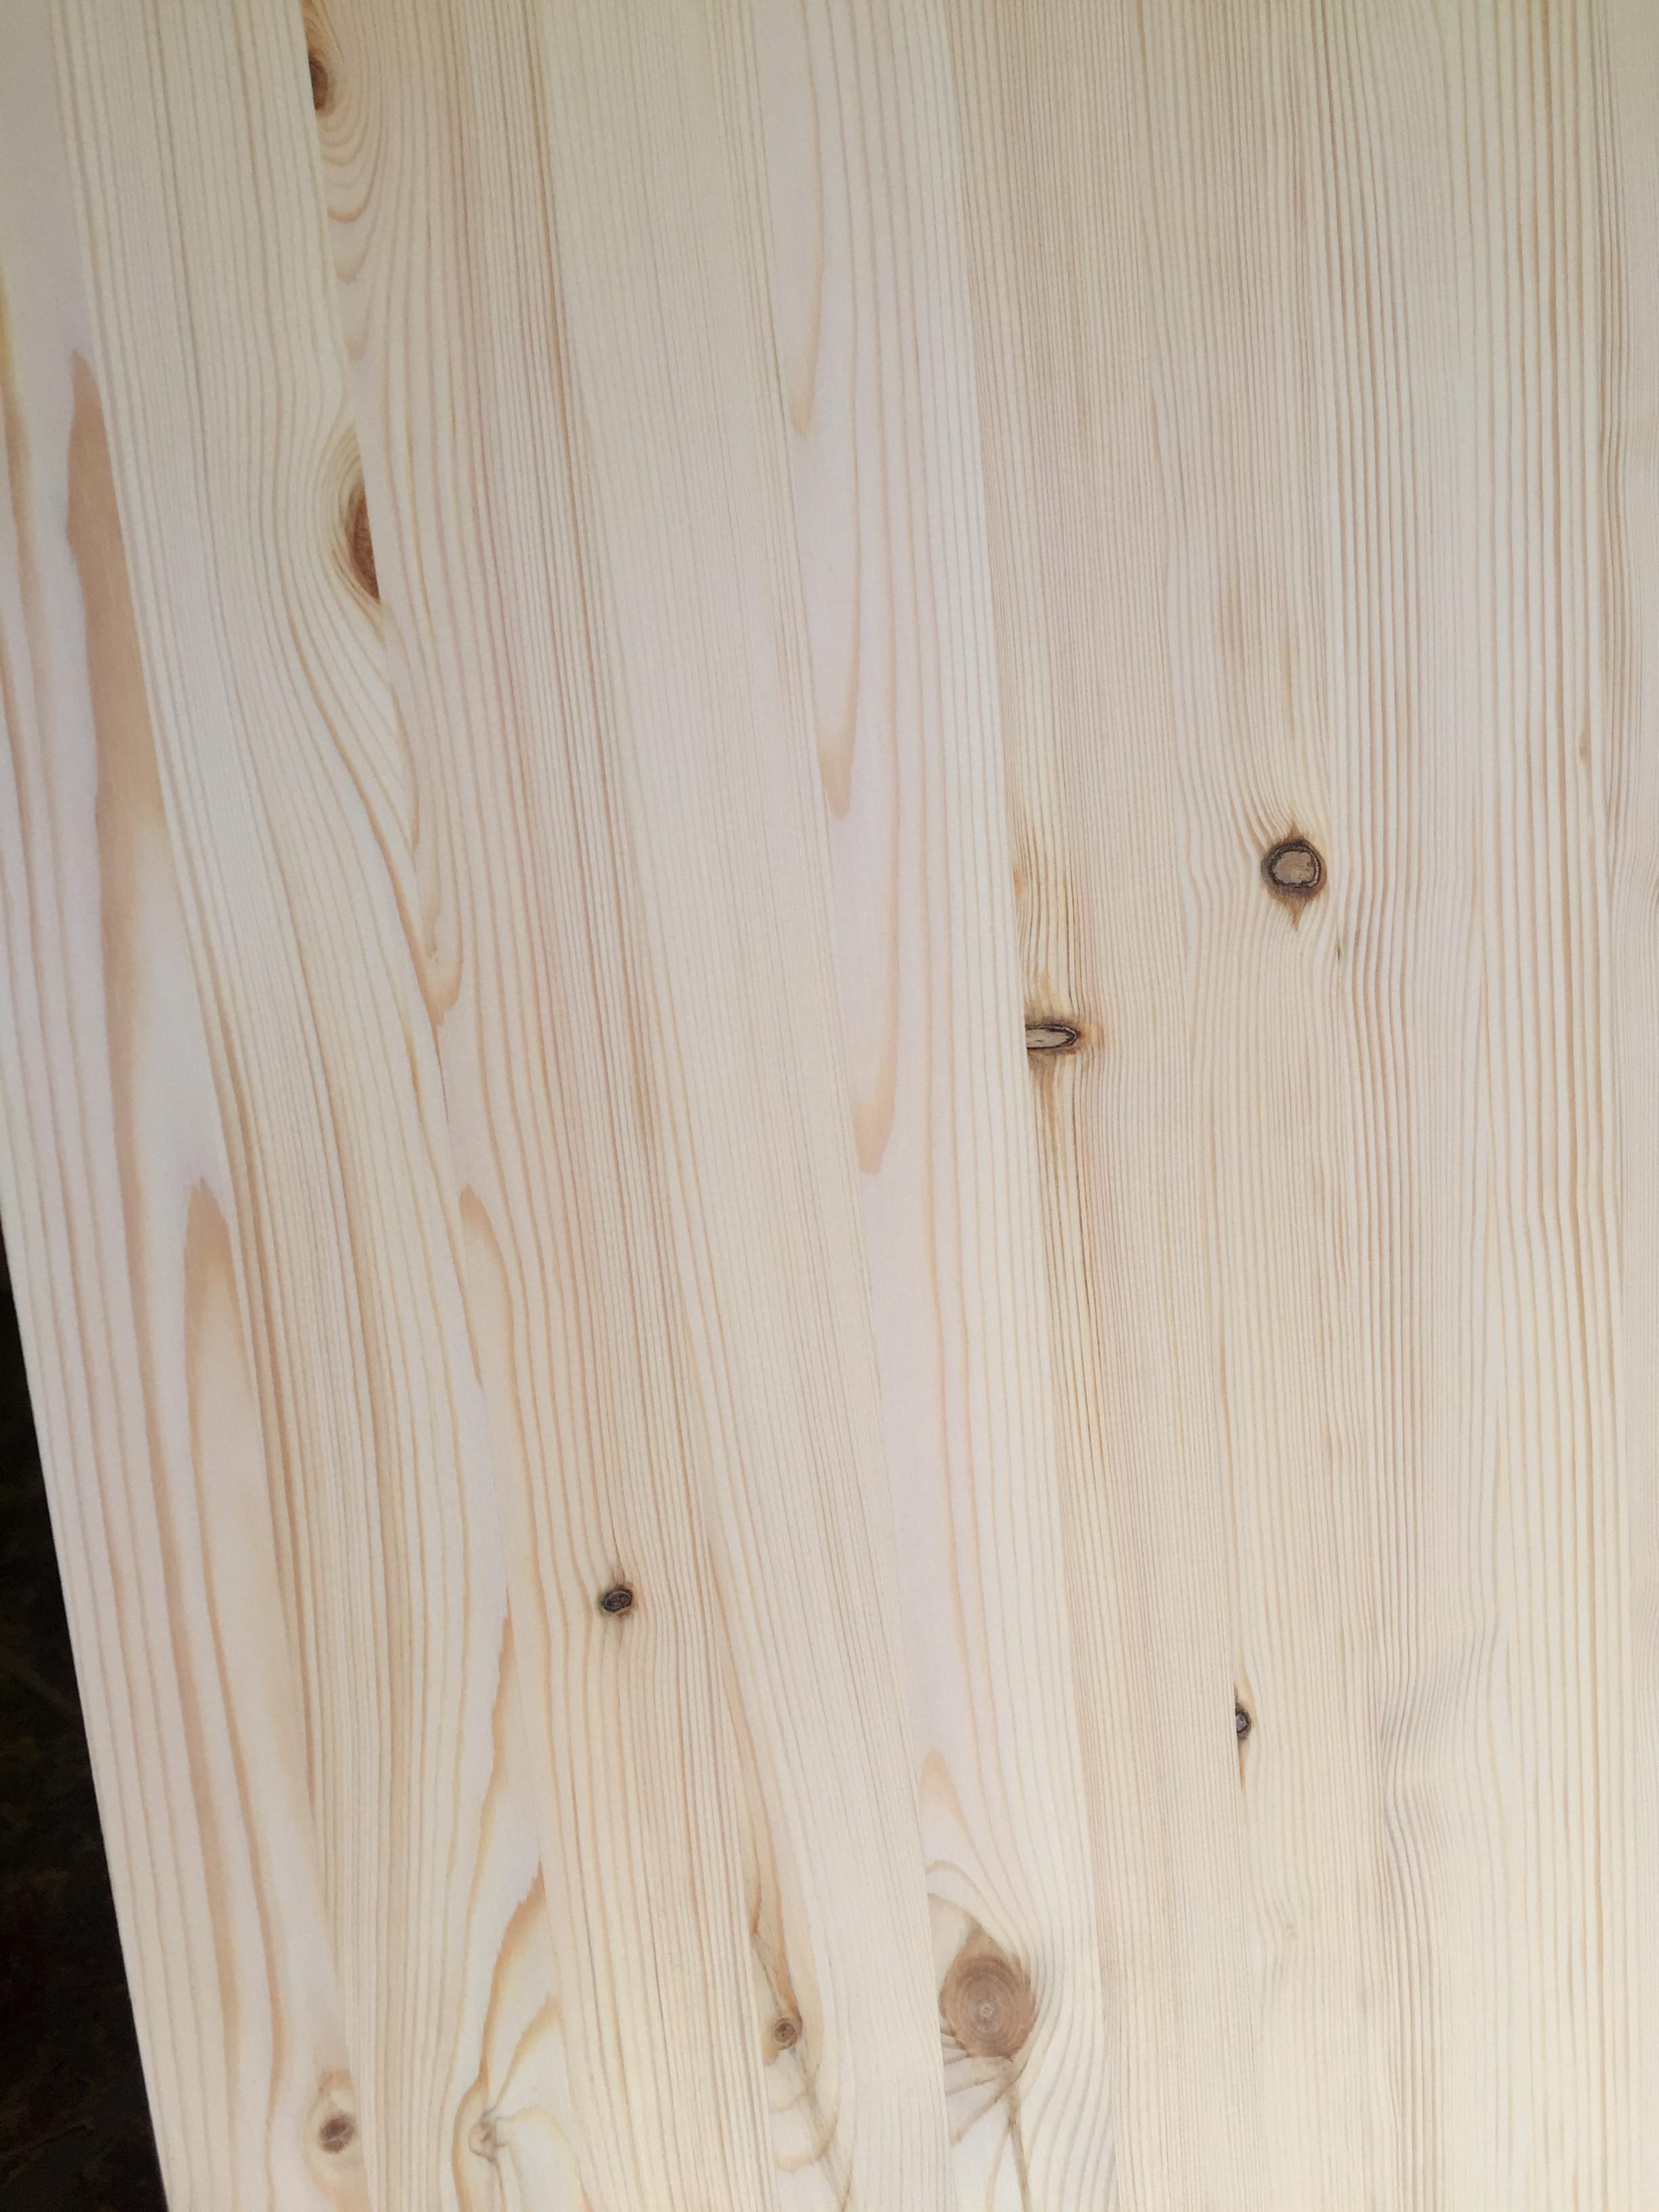 Scandinavian pine panel 38mm